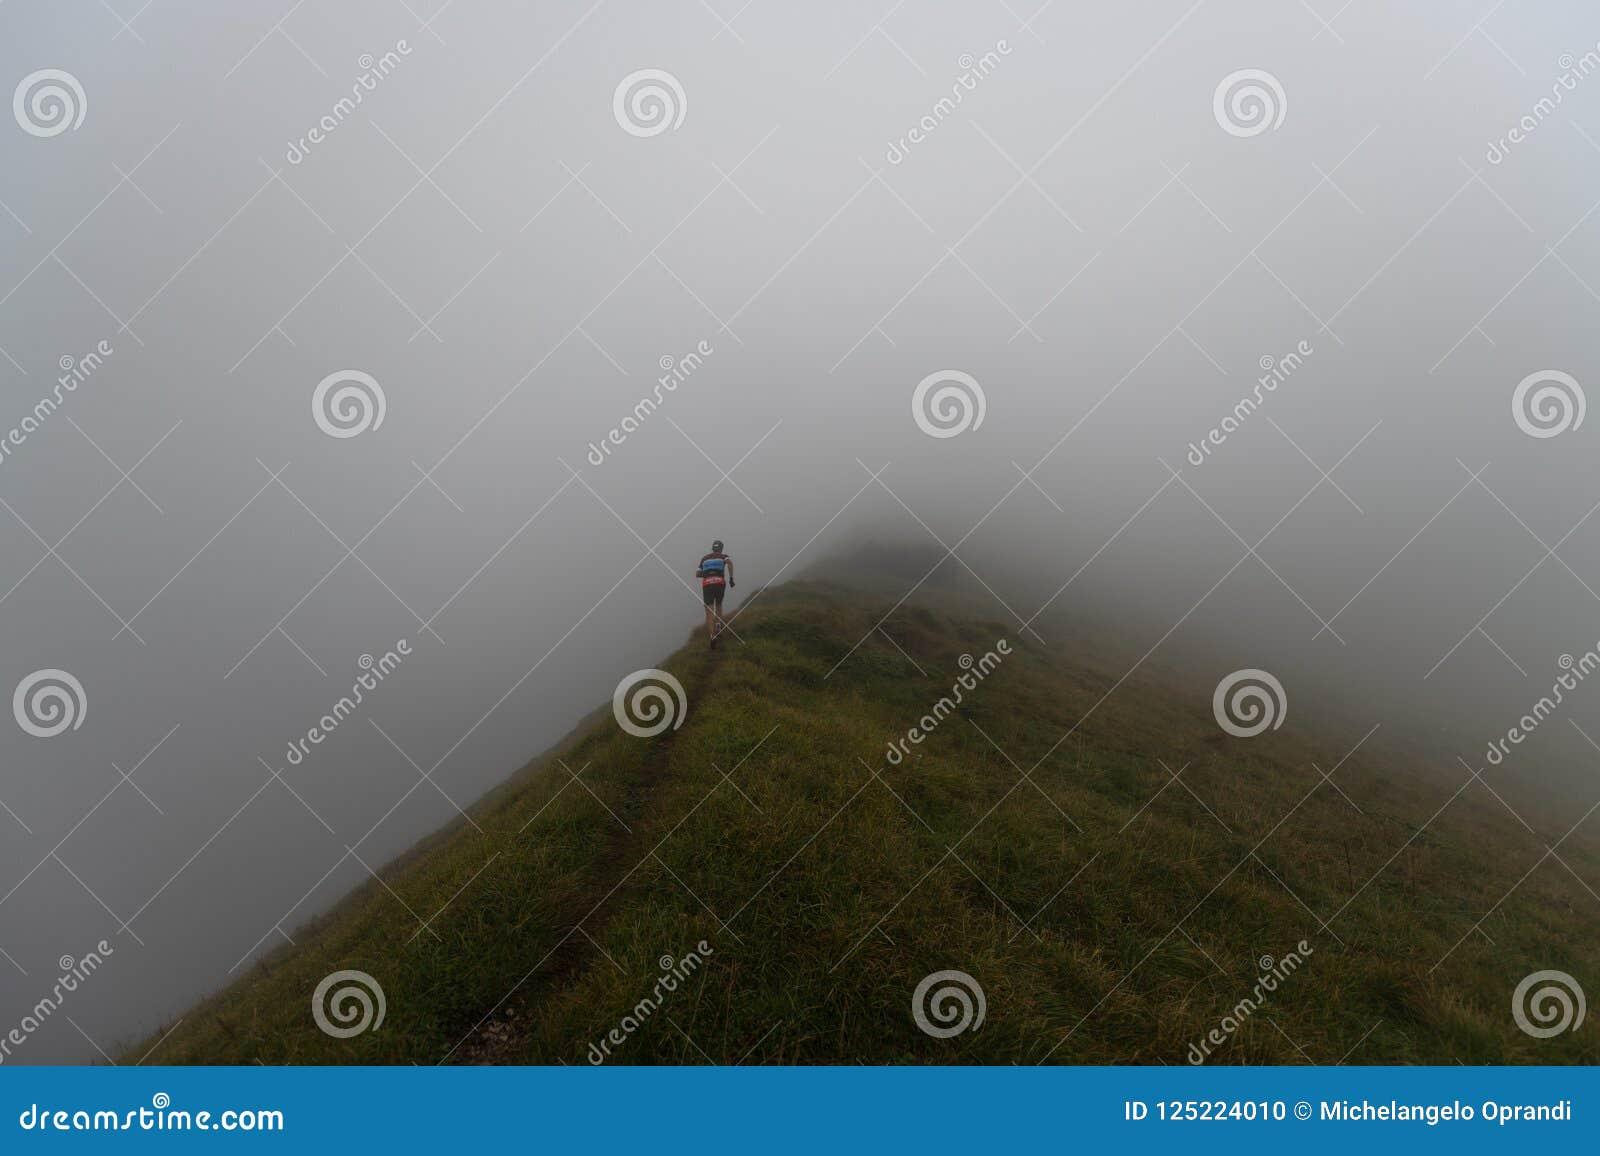 Extremes Gebirgsrennwettbewerb skymarathon Läufer auf einer Kante